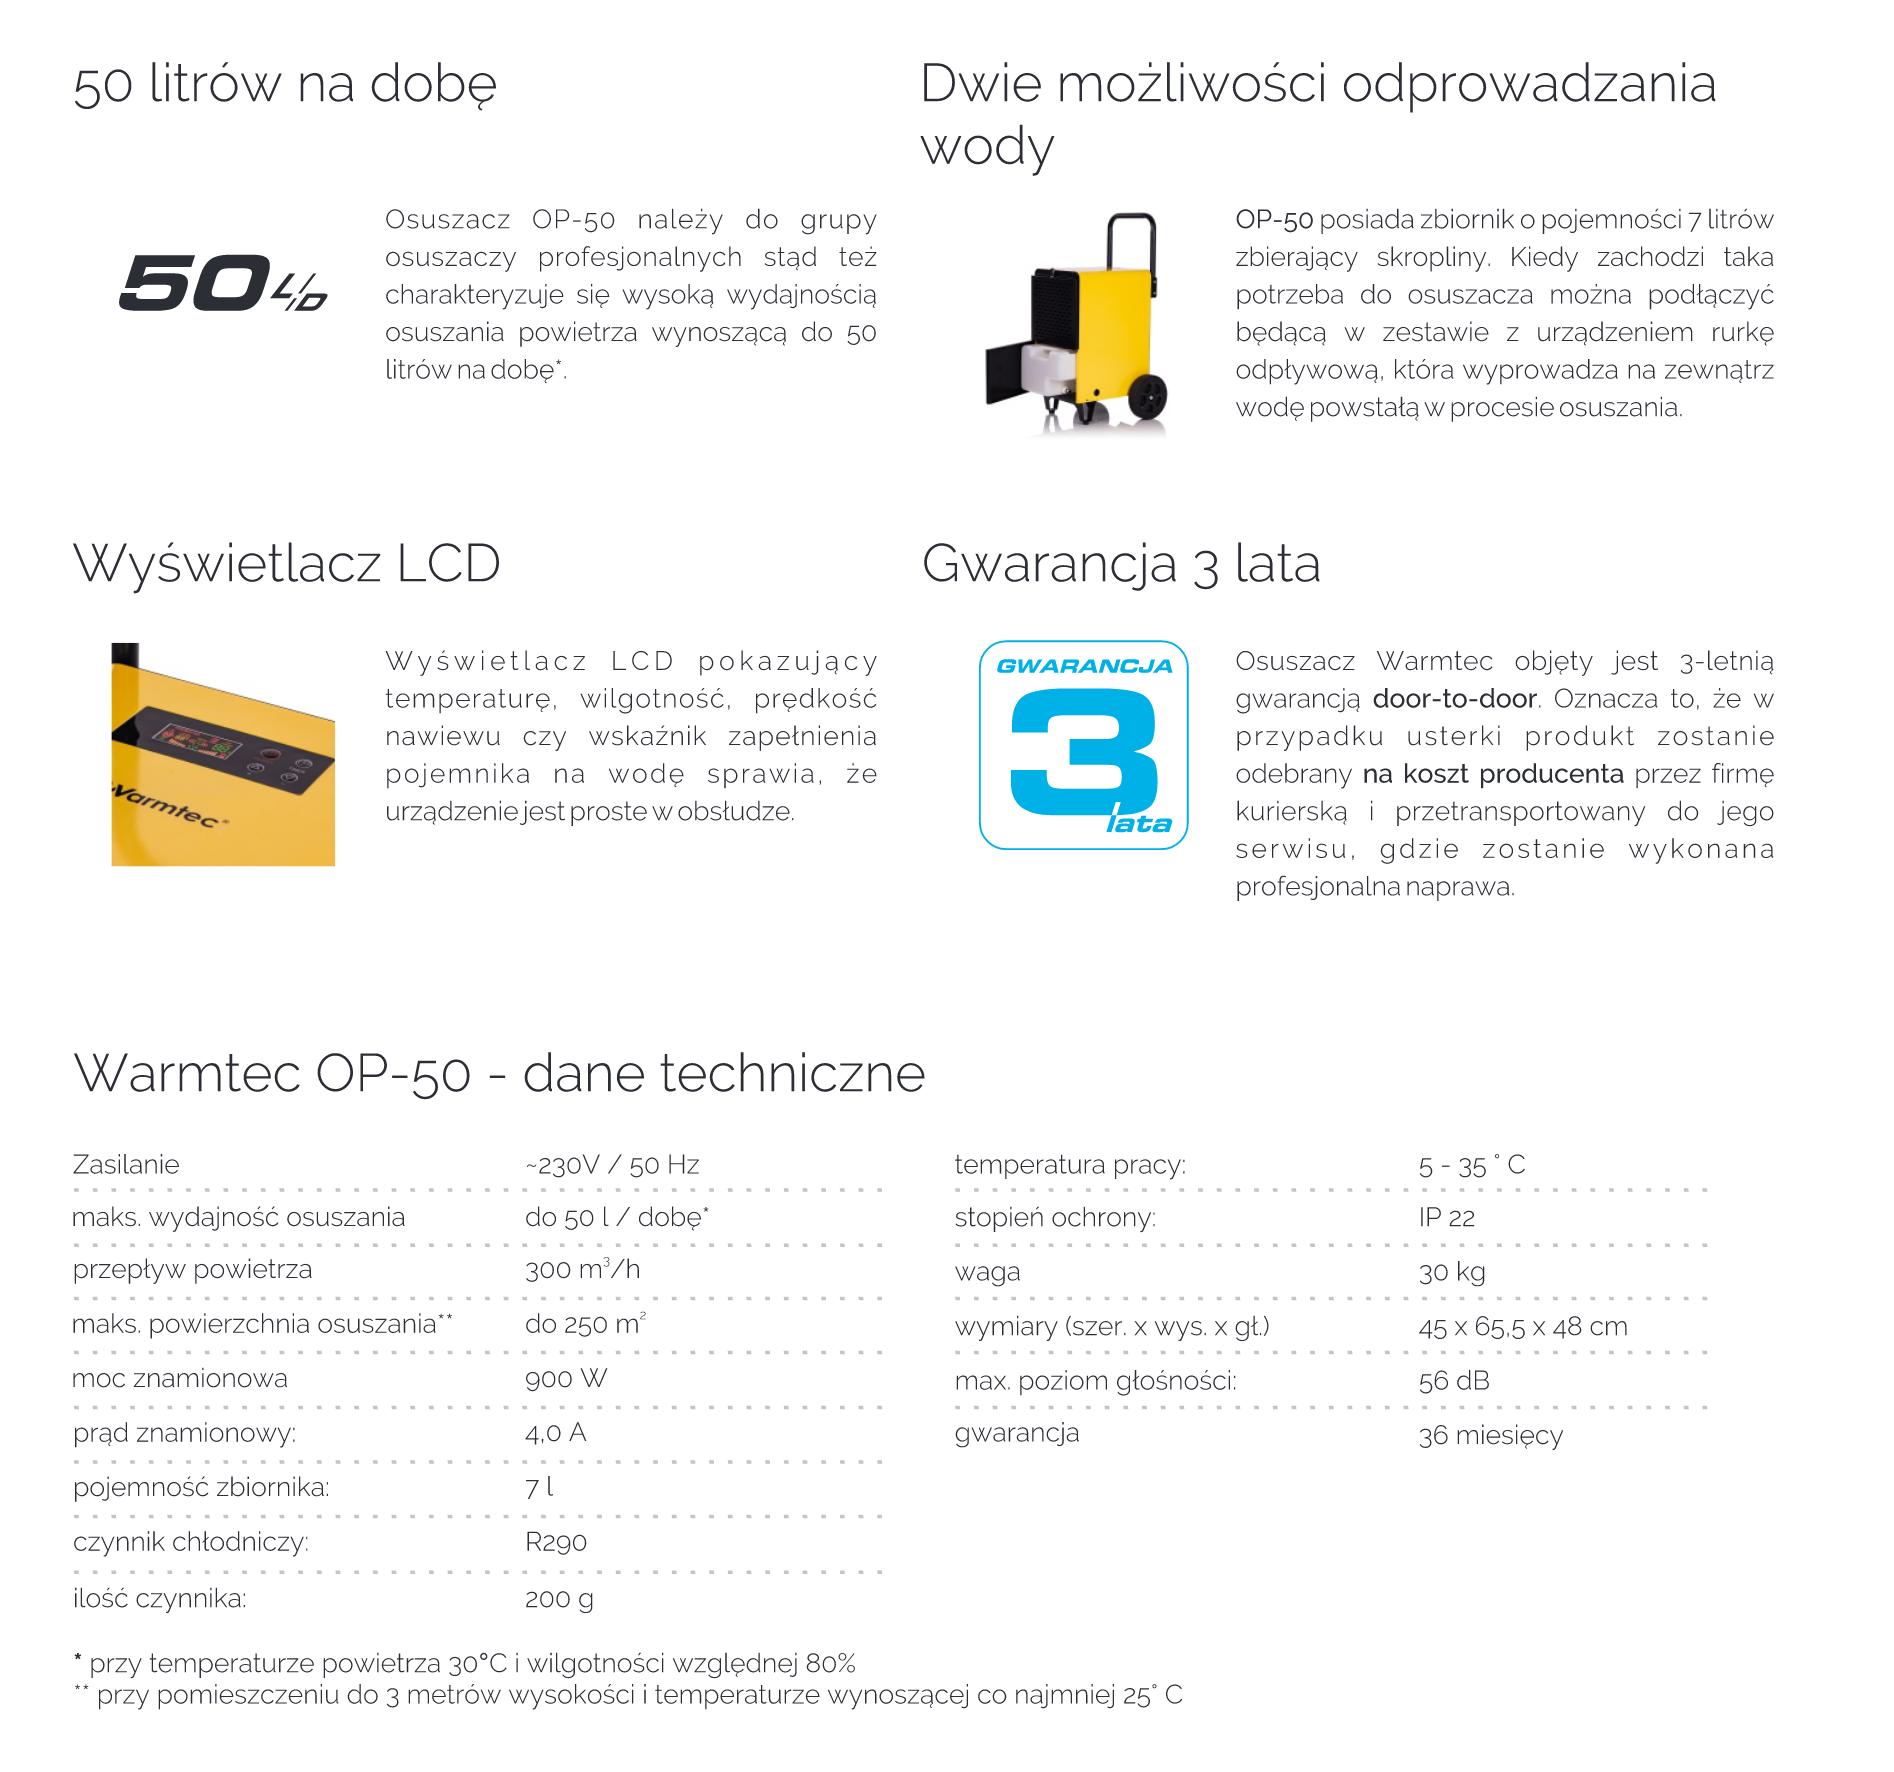 WARMTEC OP-50 specyfikacja